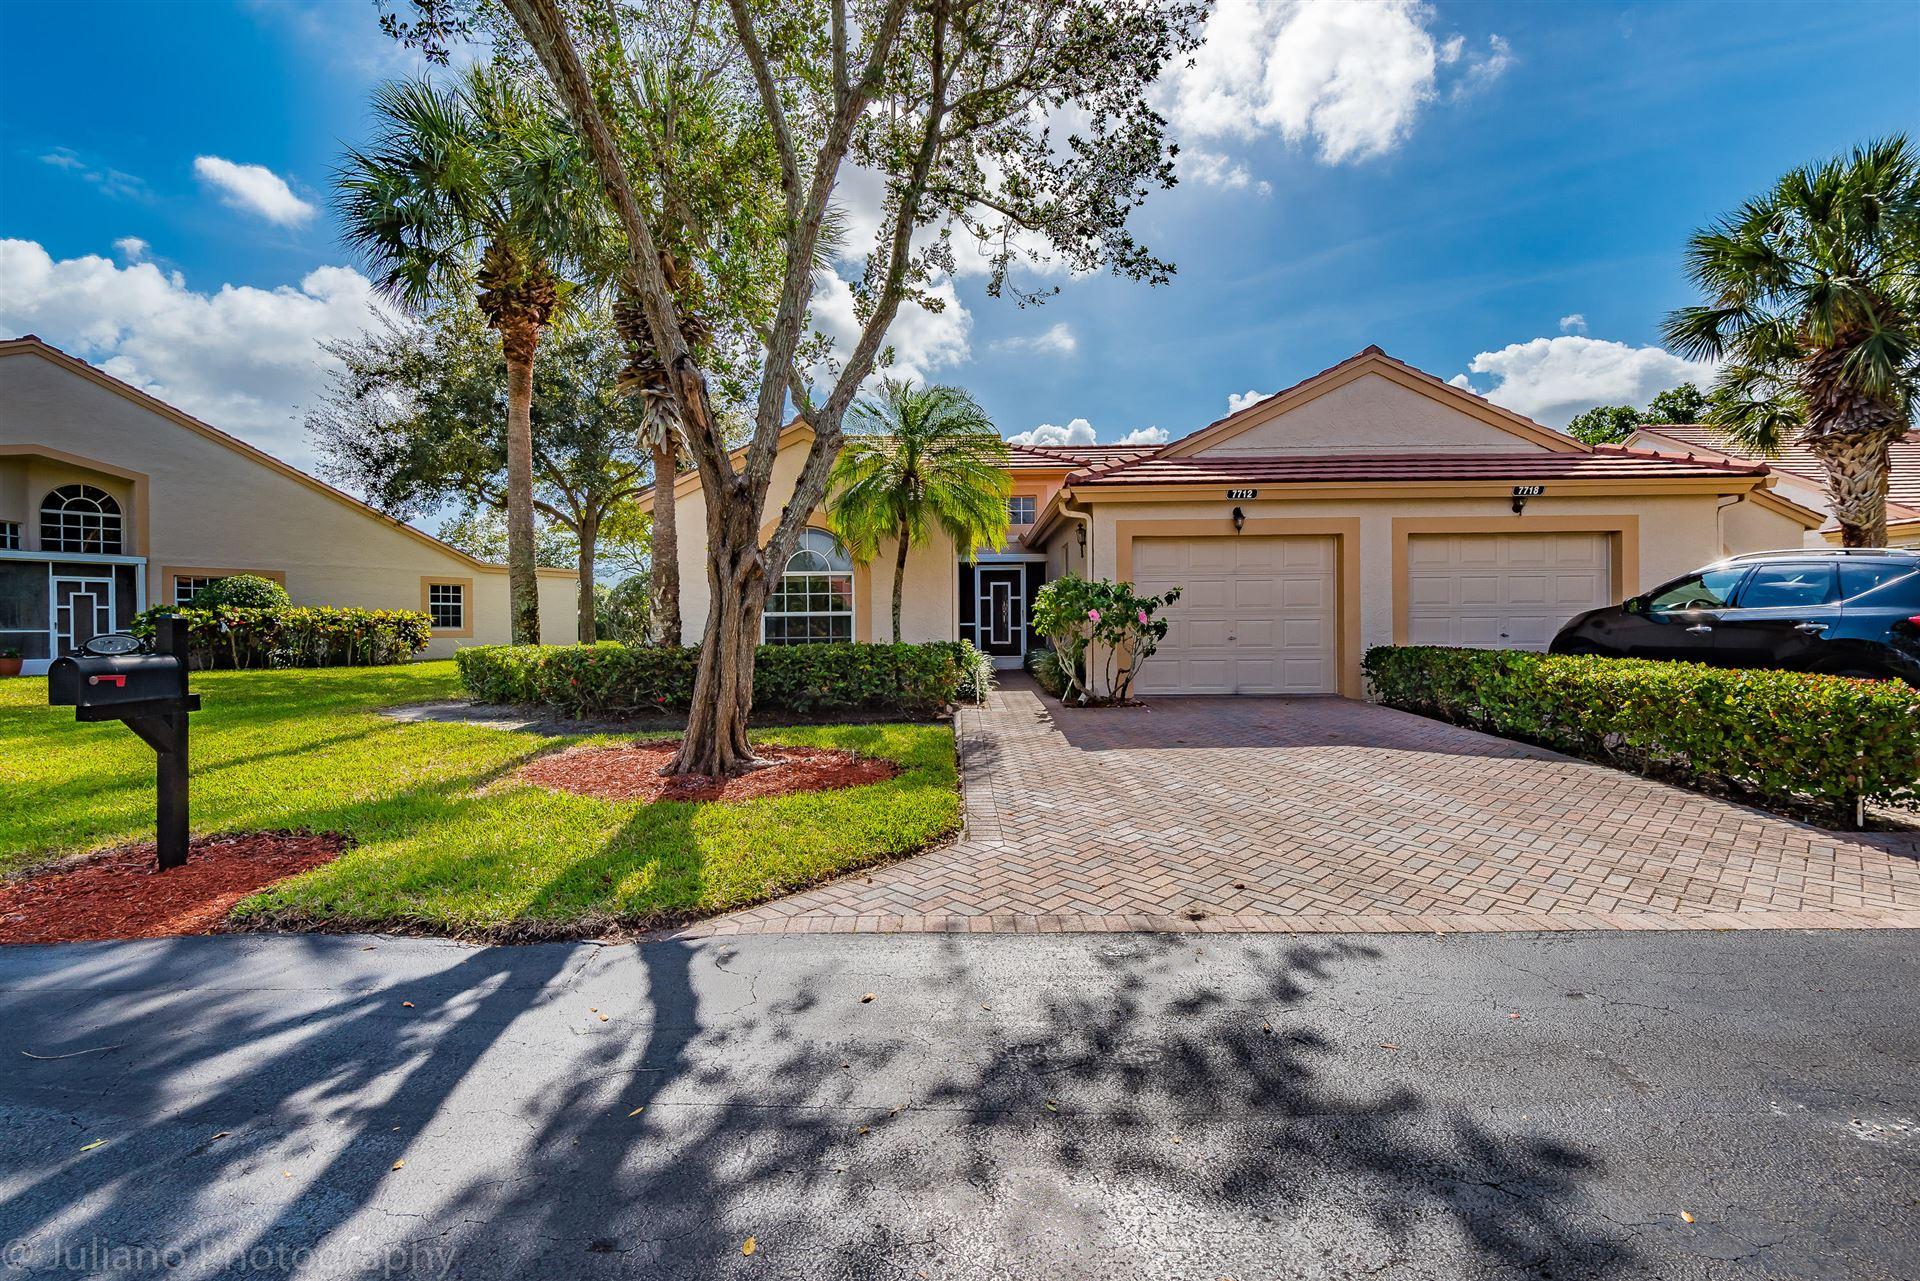 7712 Coral Lake Drive, Delray Beach, FL 33446 - #: RX-10593476